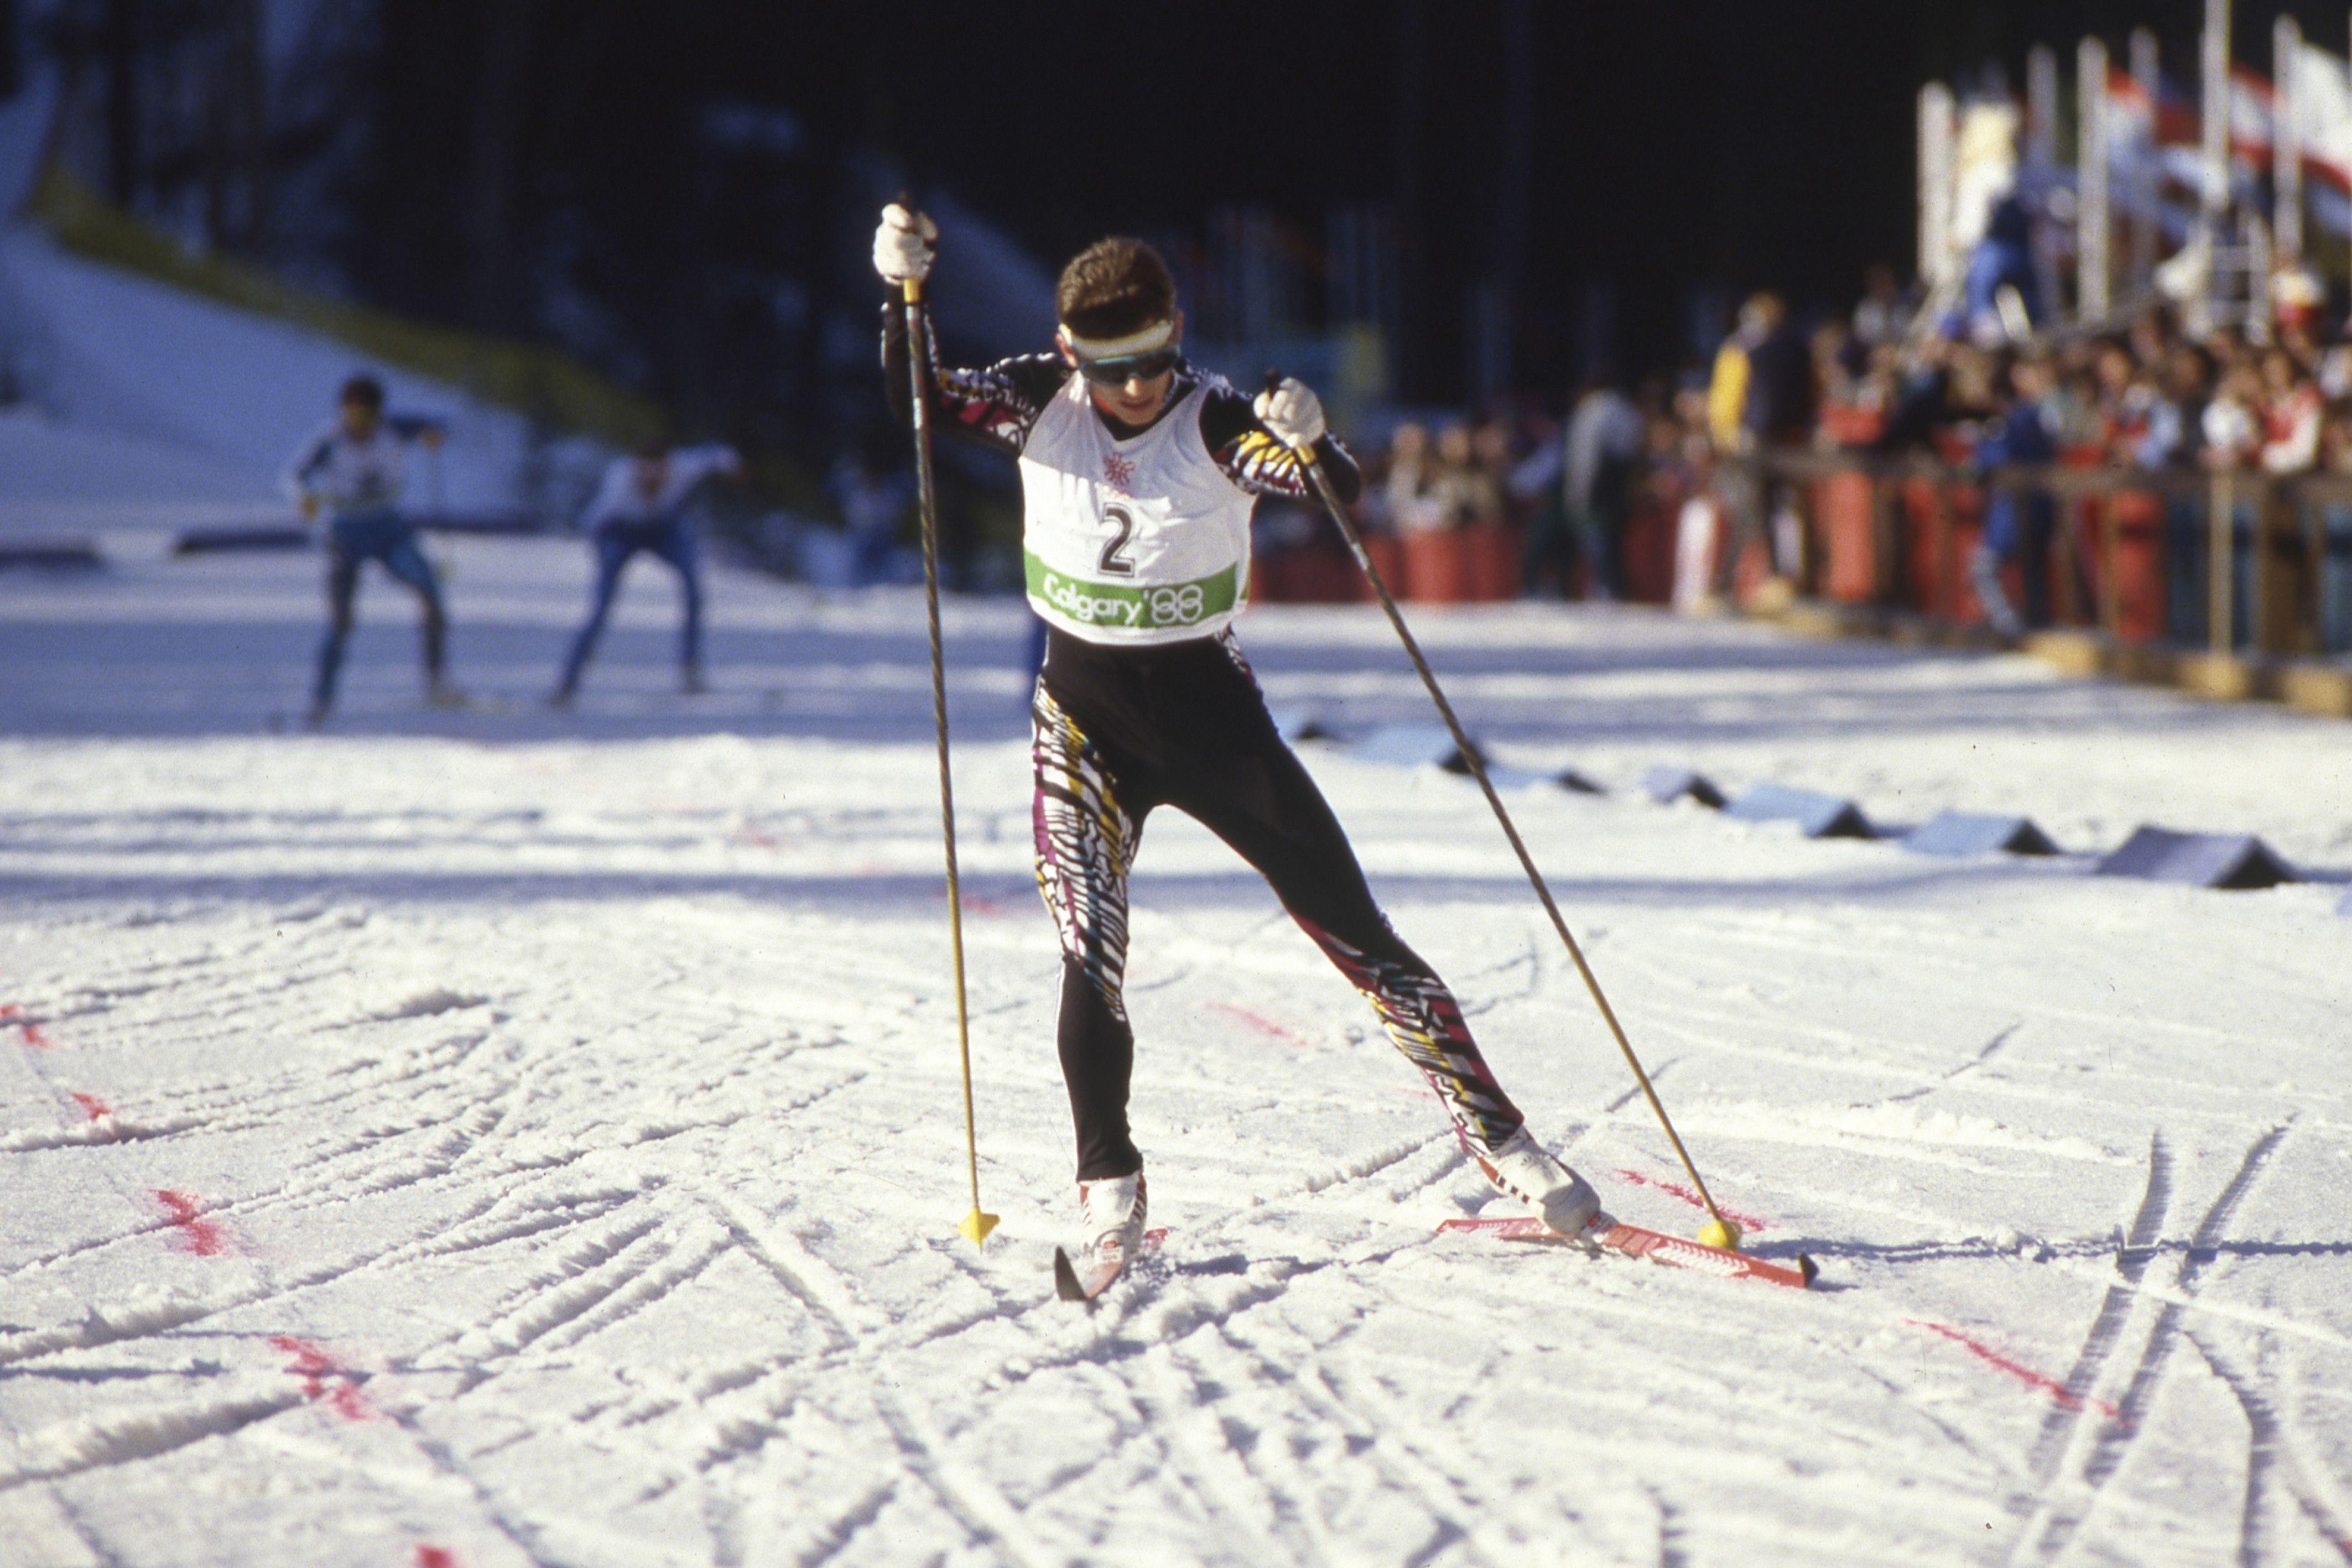 Этап Кубка мира по лыжным гонкам в Лиллехаммере перенесён